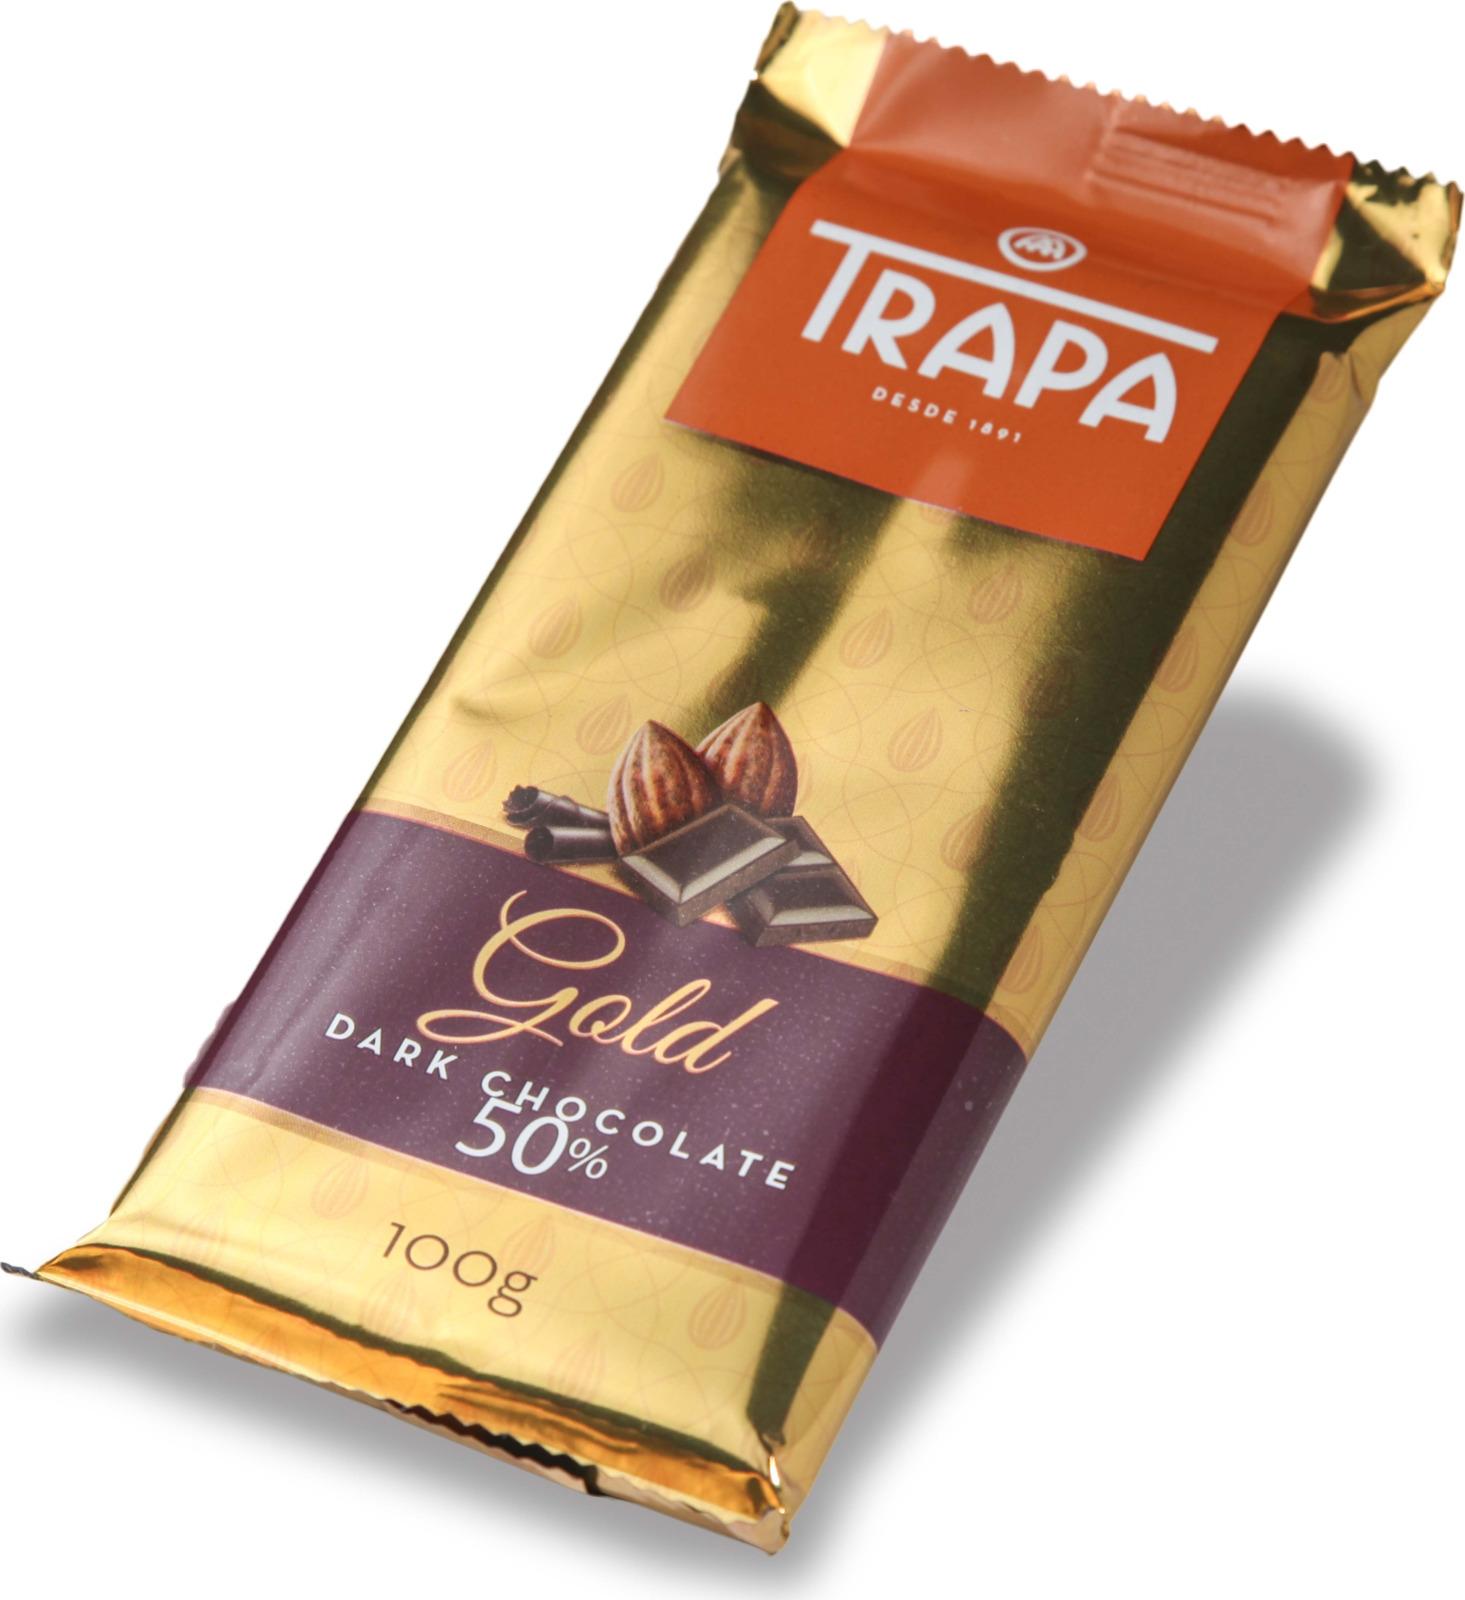 Темный шоколад Trapa Gold Bar, 50%, 100 г цены